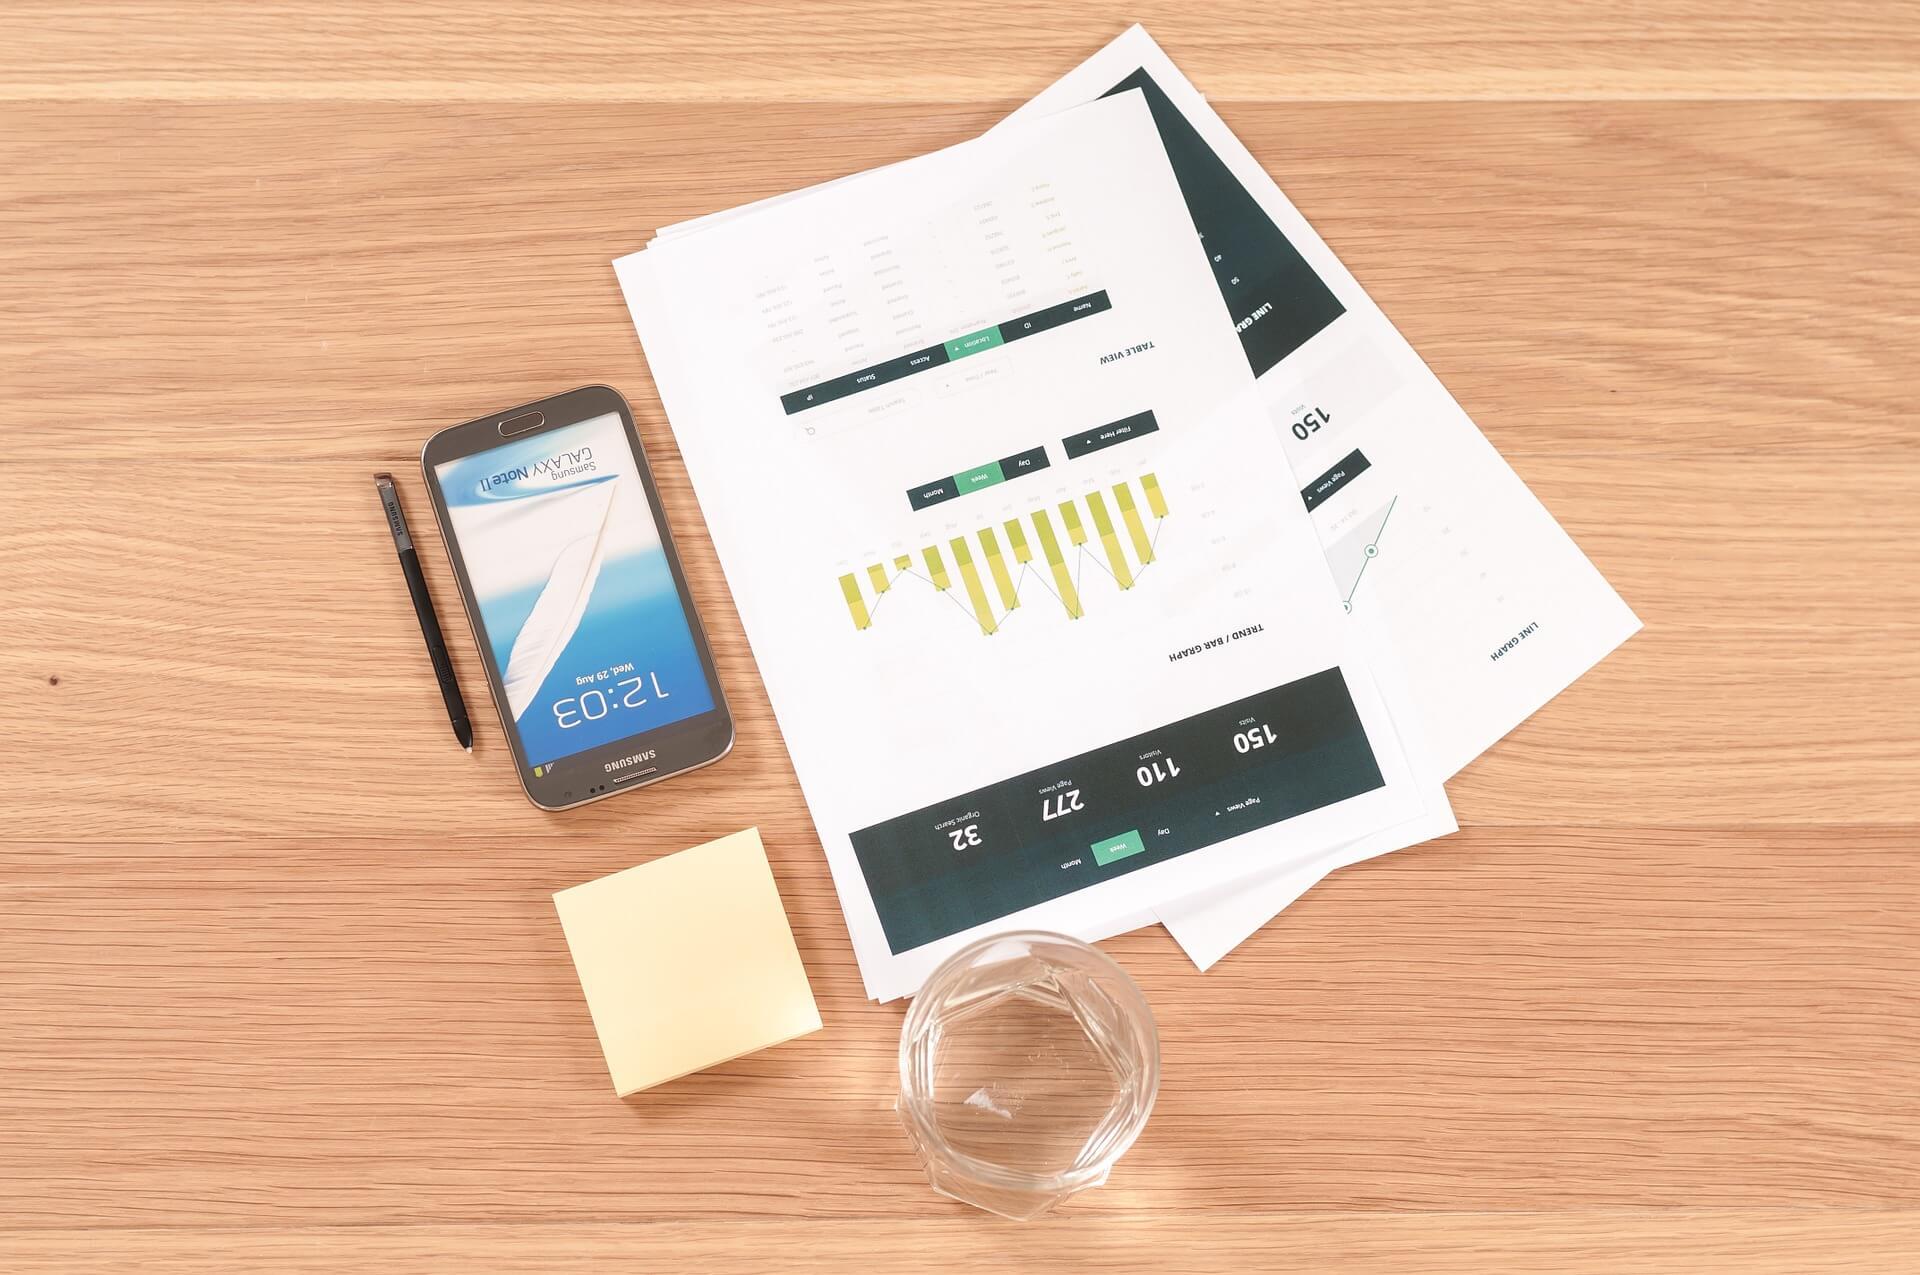 Come inviare file pesanti senza compressione - Le piccole guide di AppElmo